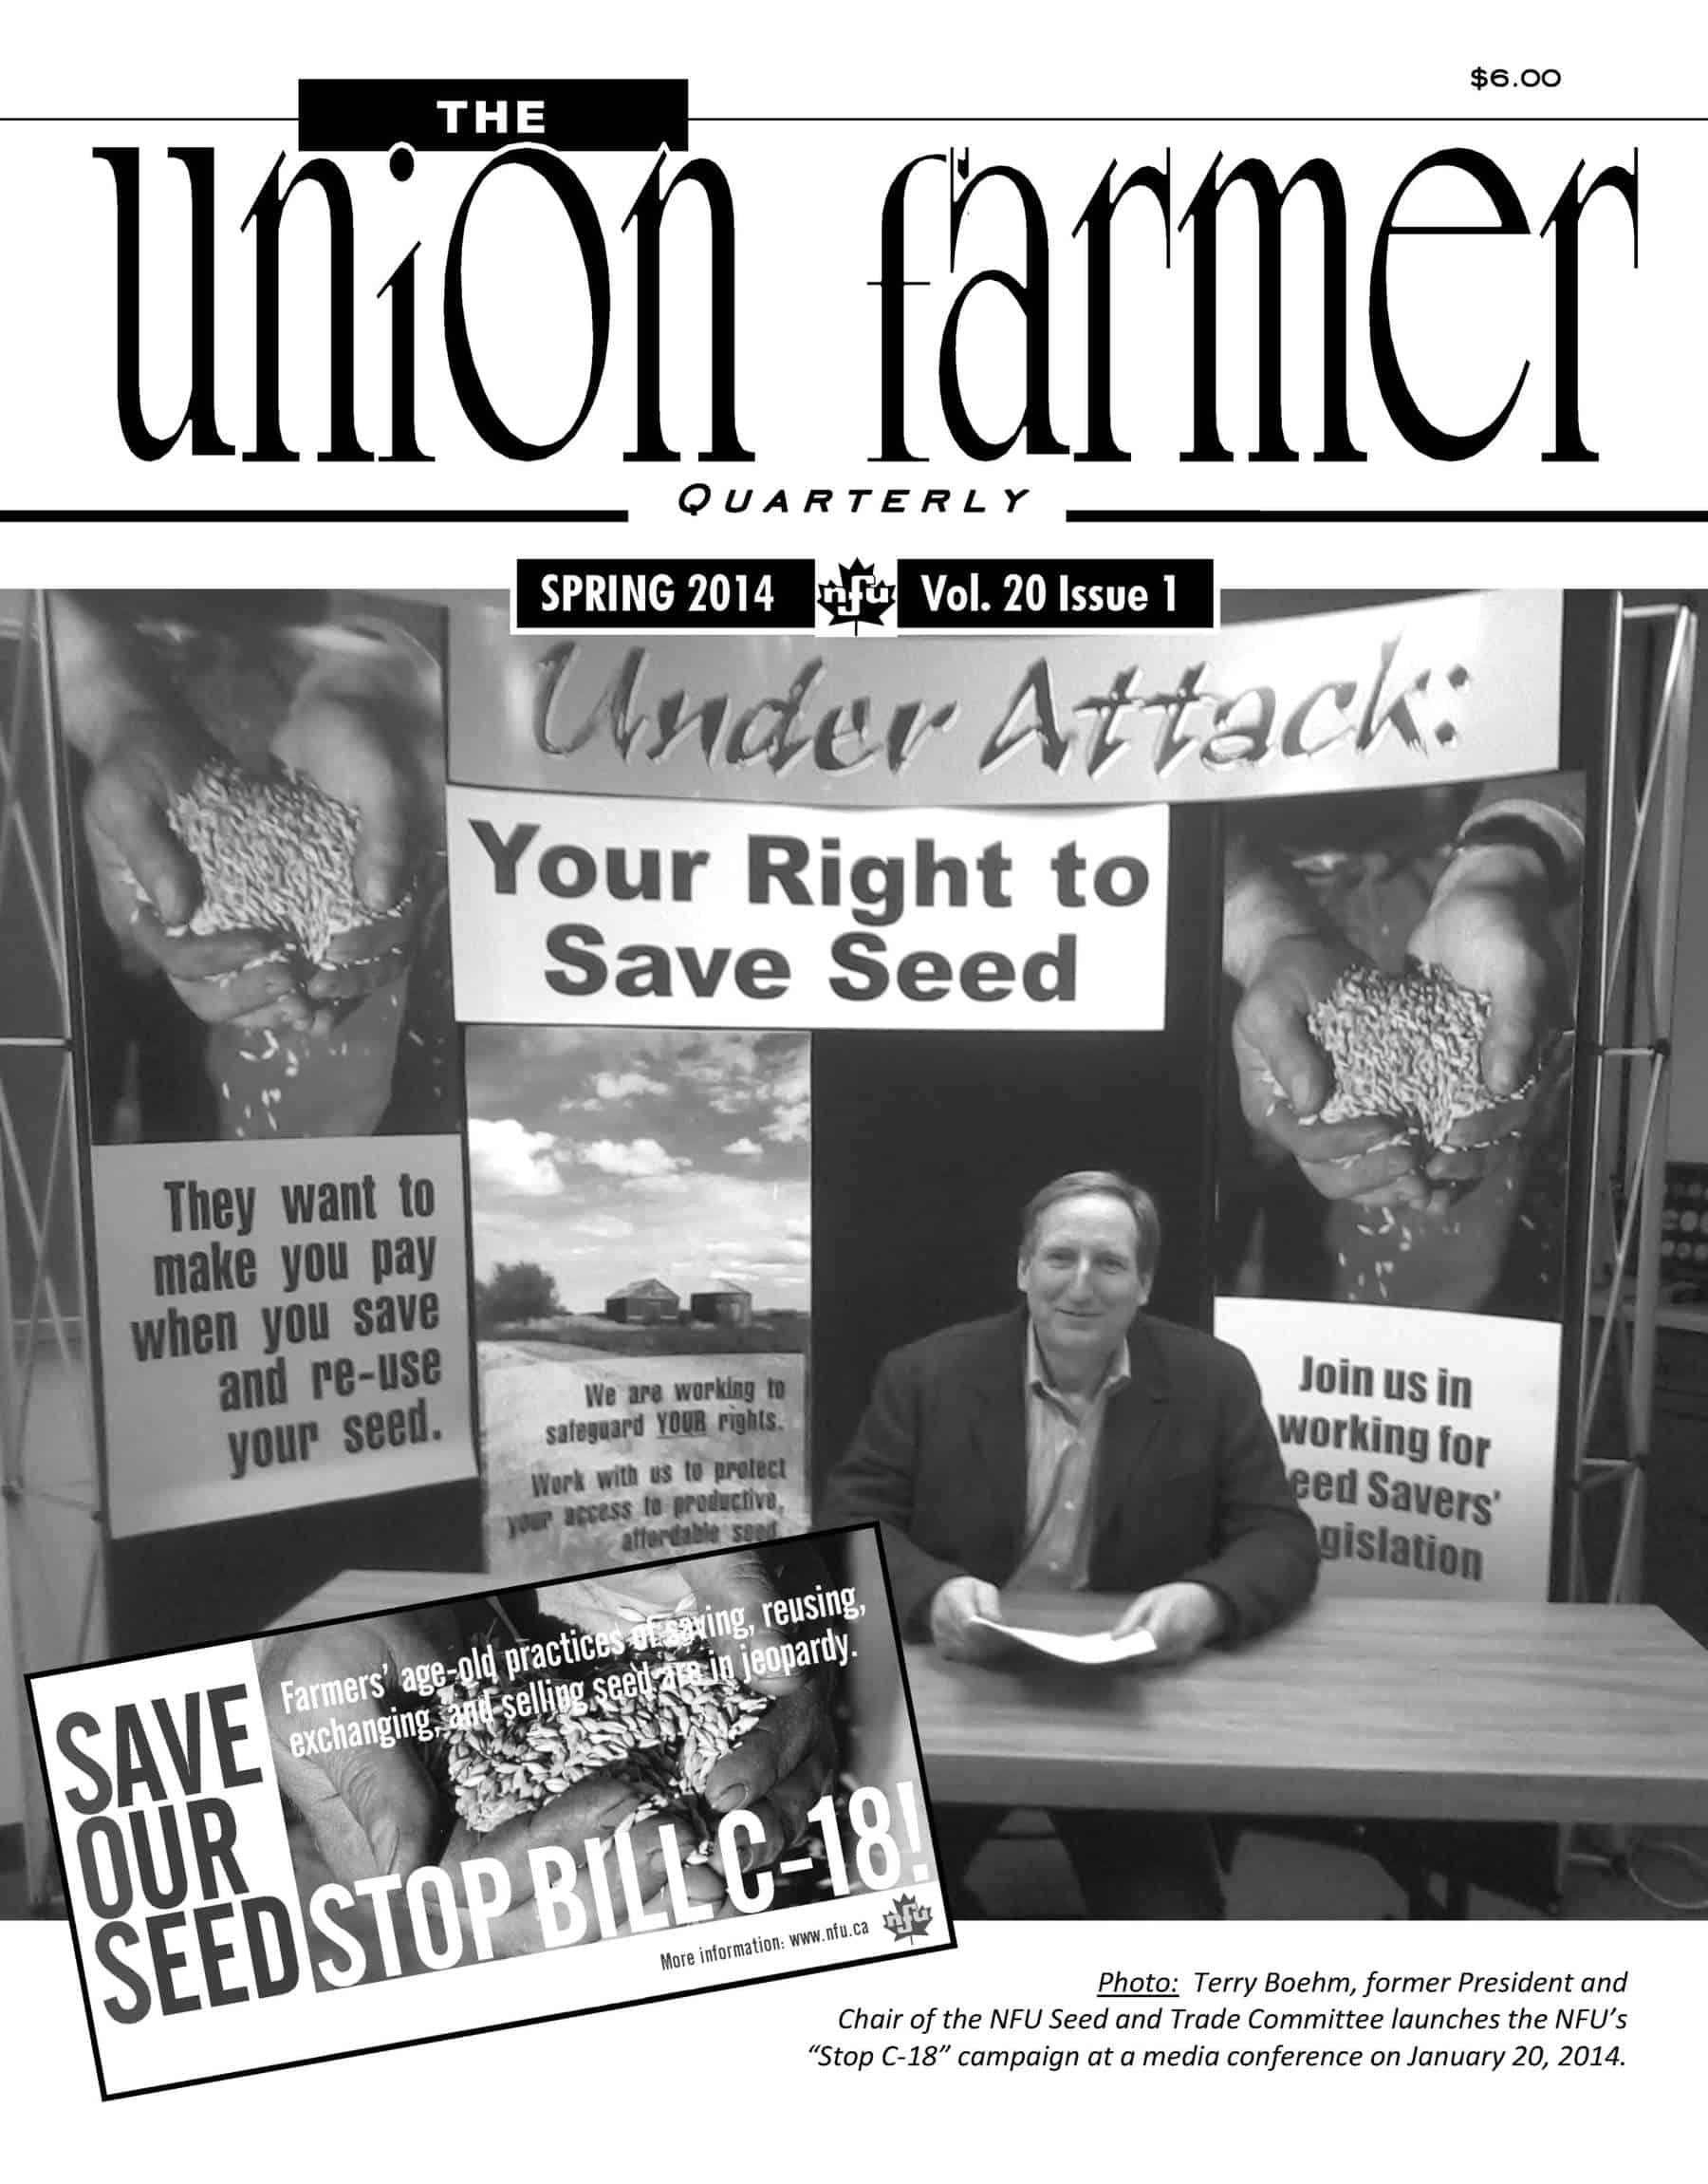 Union Farmer Quarterly: Spring 2014